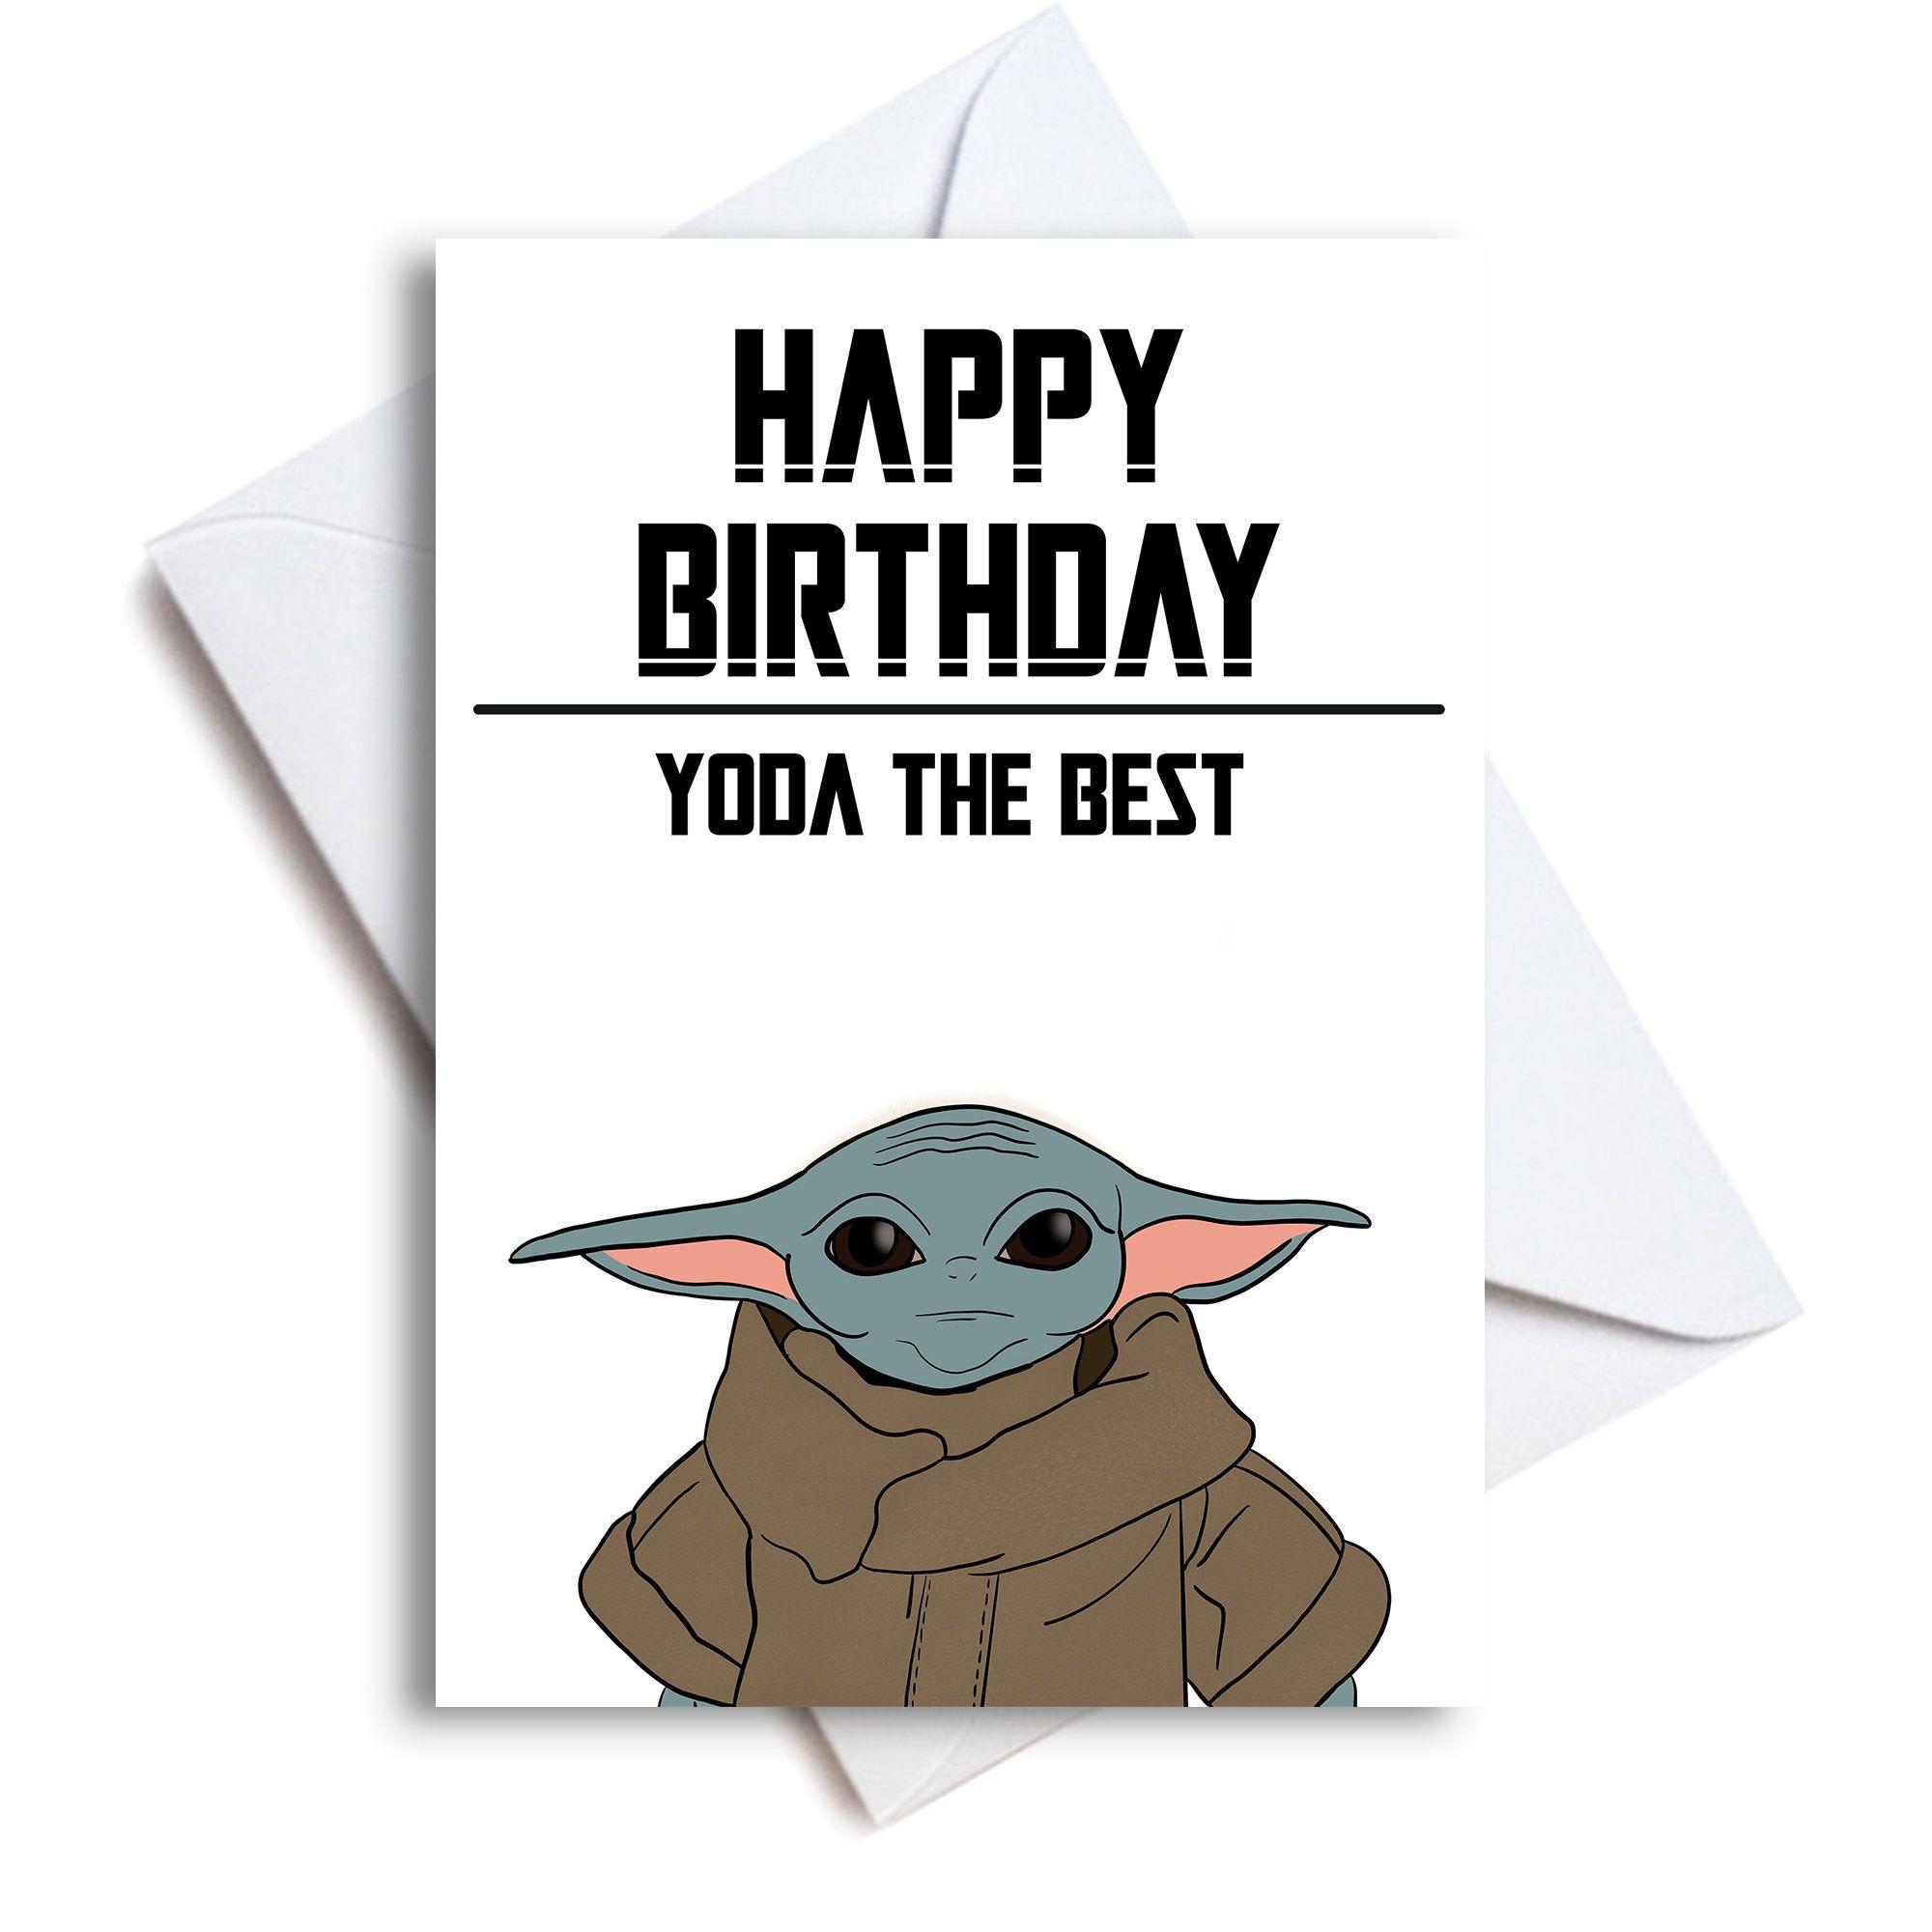 Baby Yoda Happy Birthday Card Yoda The Best Yoda Card Etsy Yoda Card Dad Birthday Card Yoda Happy Birthday